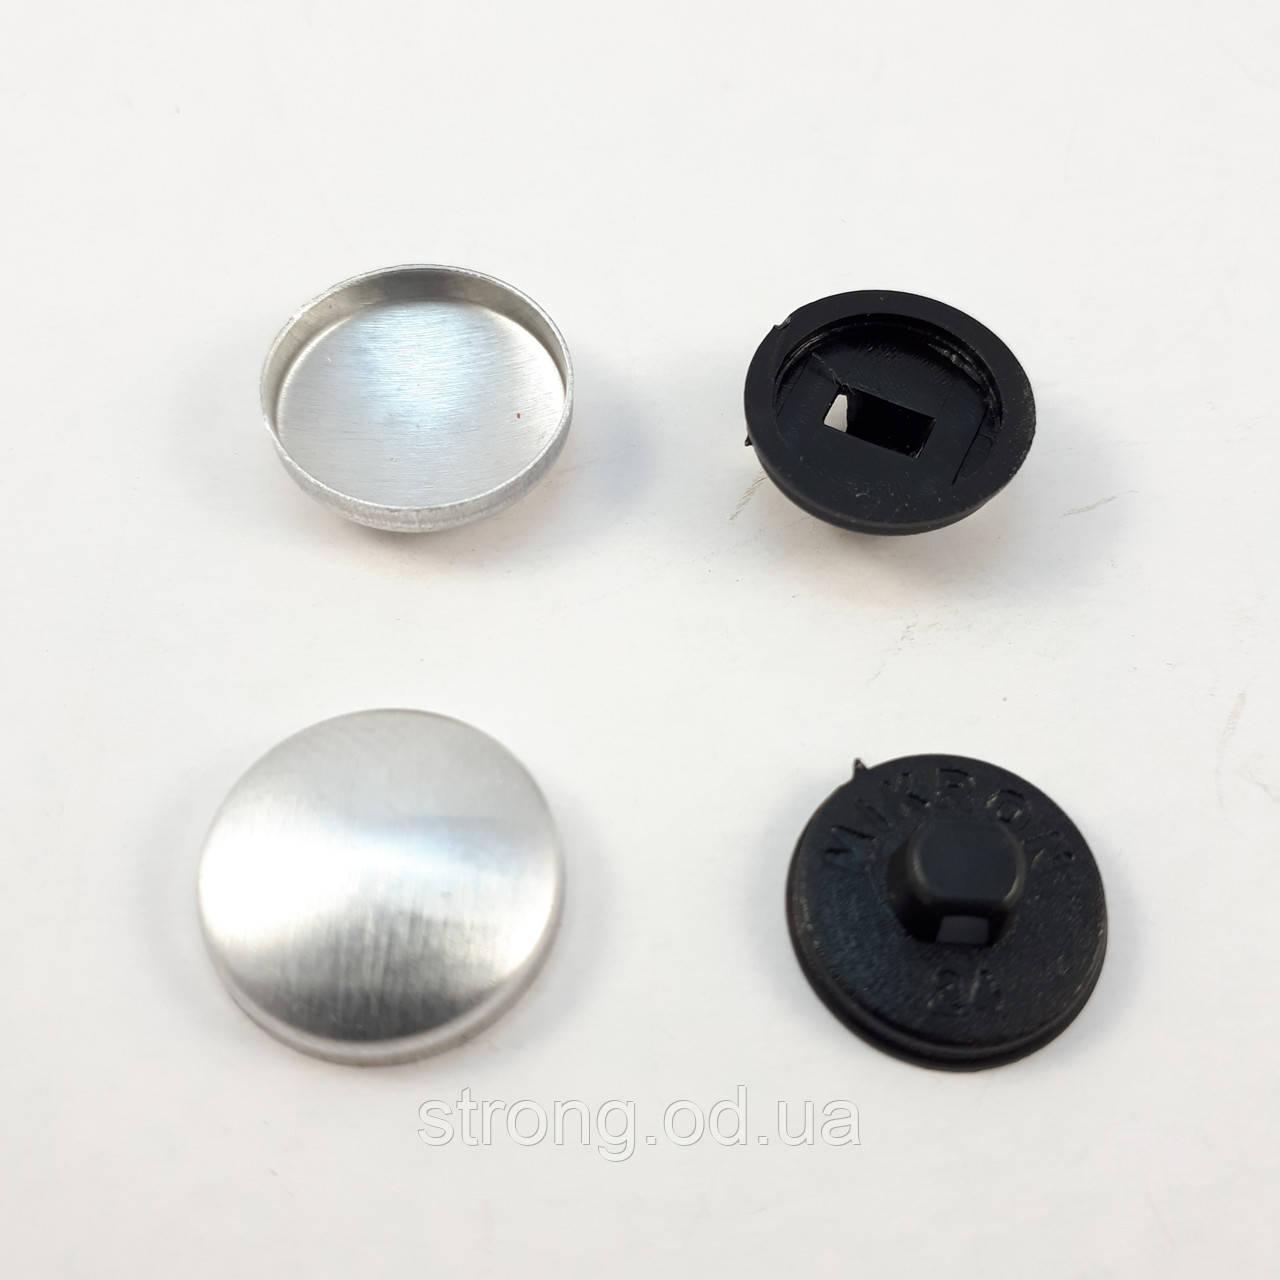 Пуговица под обтяжку на пластиковой ножке №24 - 14,3 мм Черная